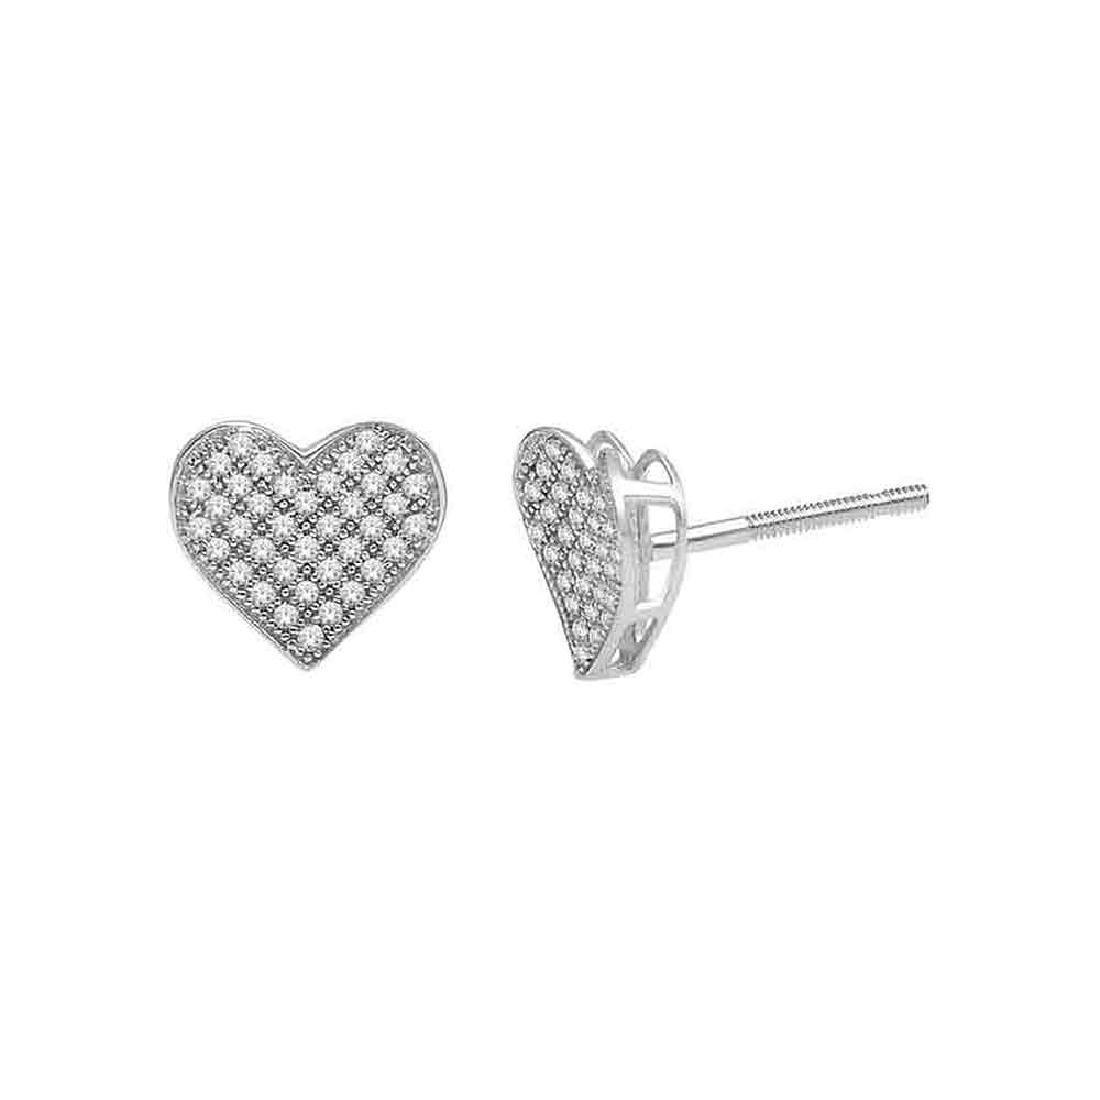 0.25 CTW Diamond Heart Earrings 10KT White Gold -